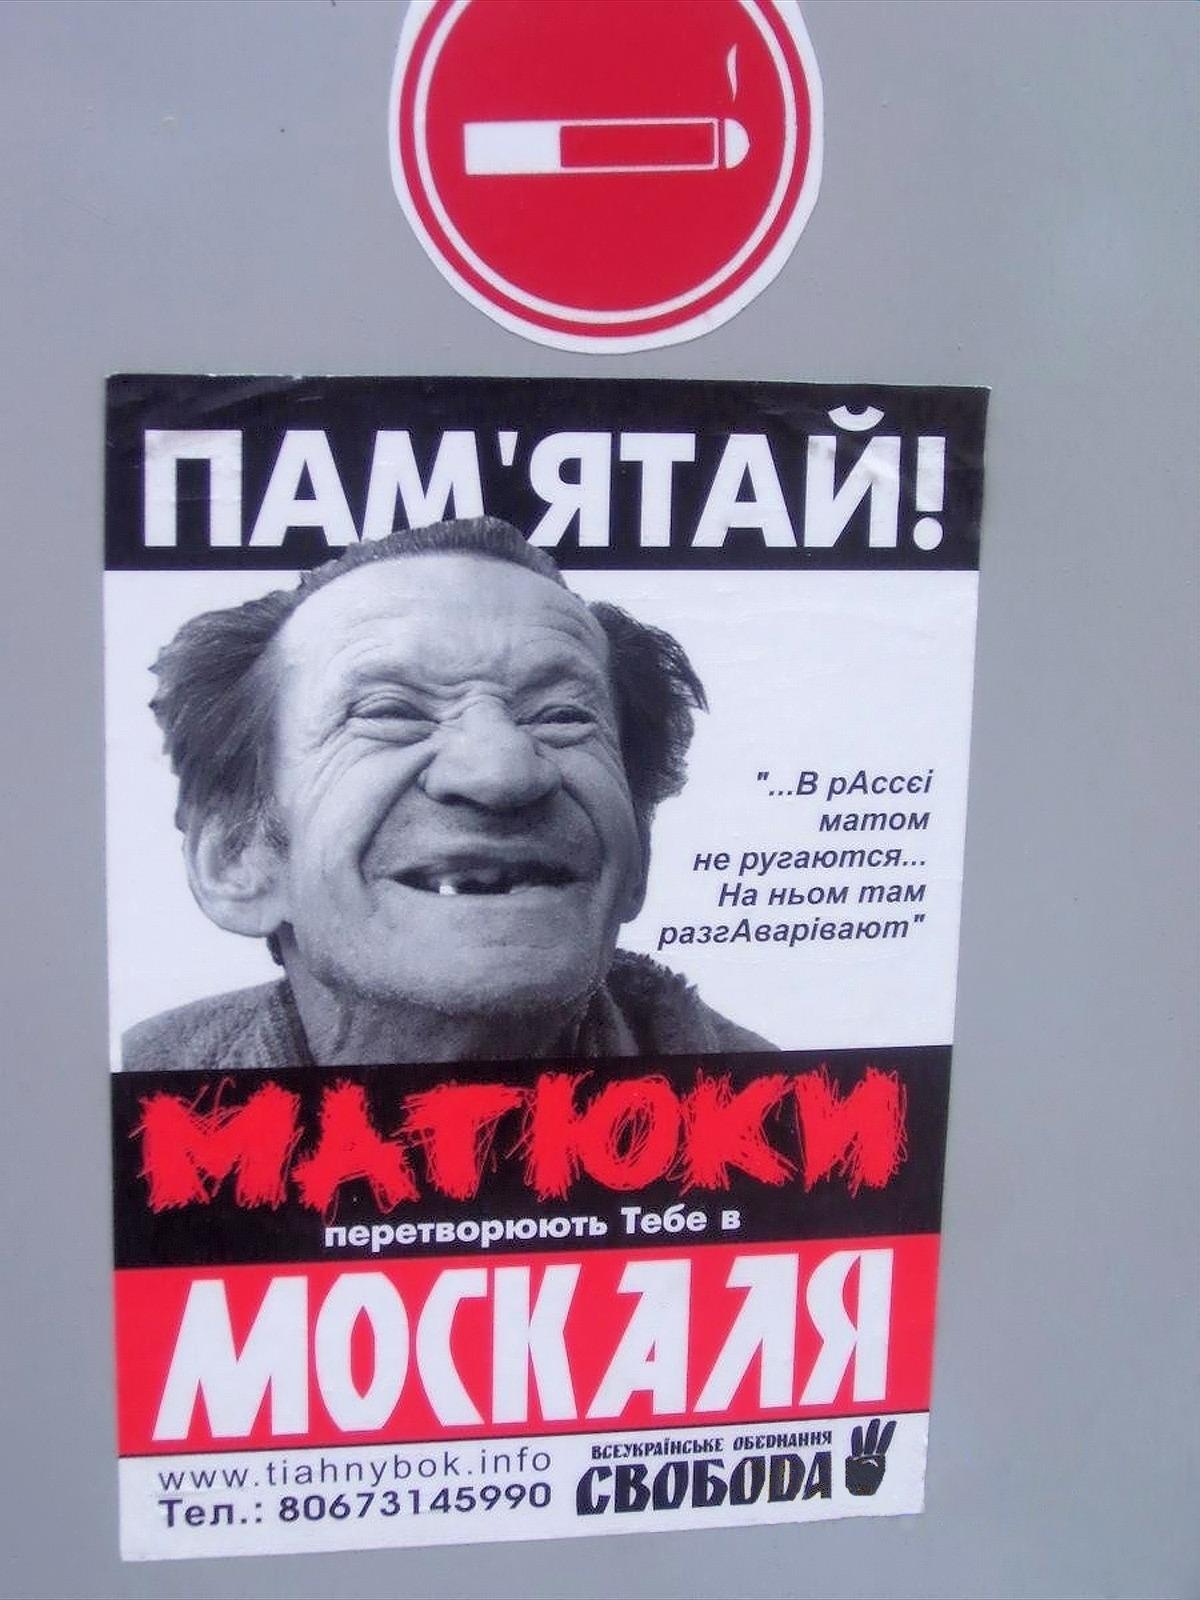 00 Svoboda anti-Russian poster. 21.12.13